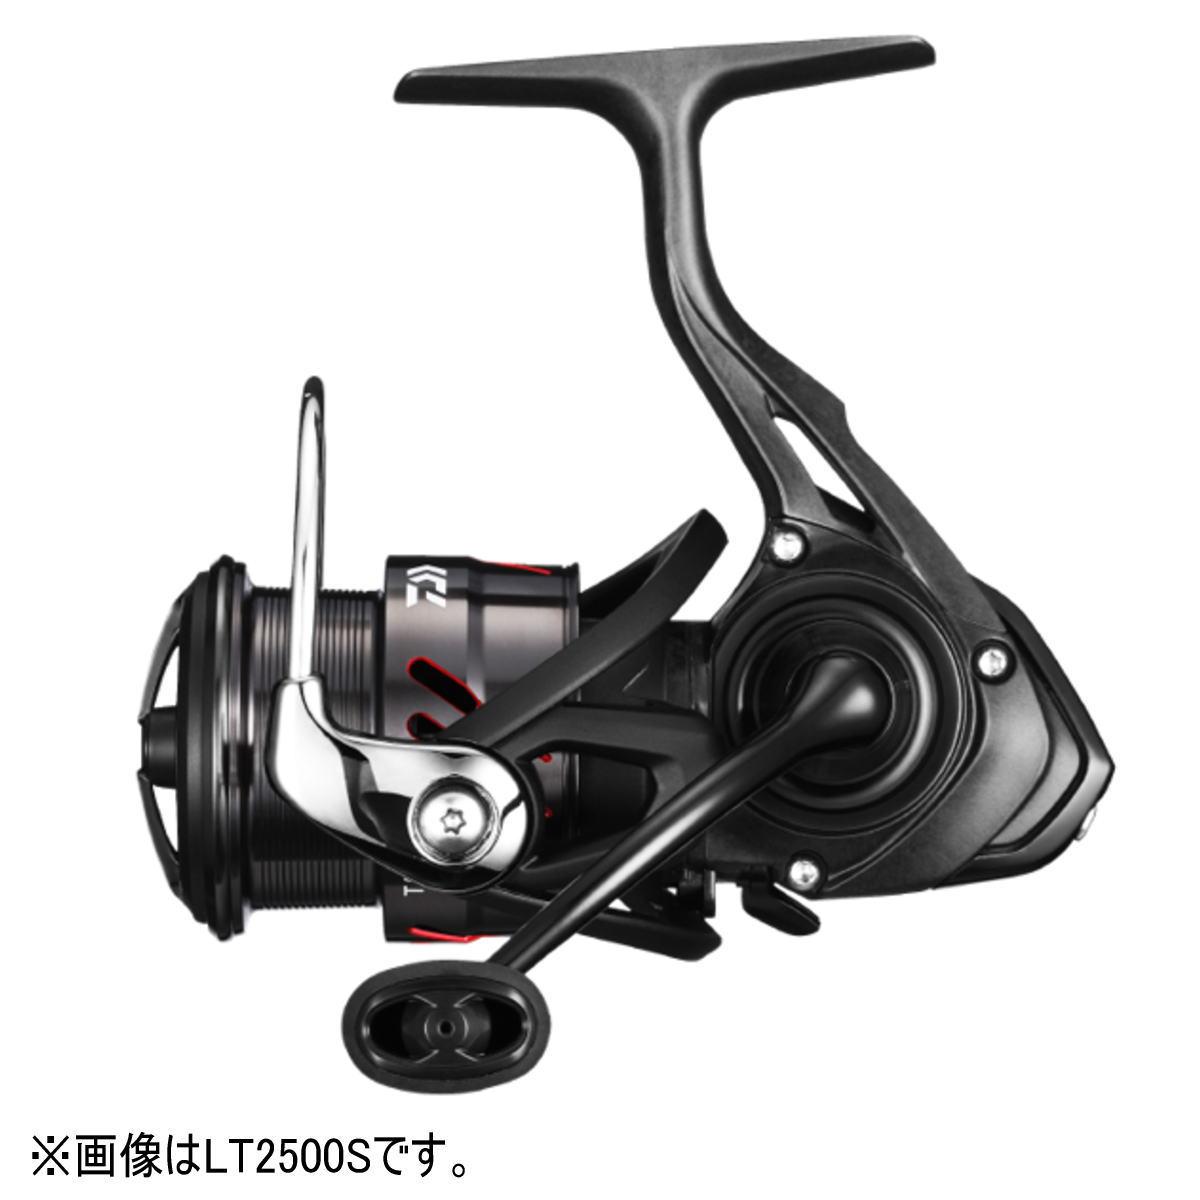 【送料無料4】ダイワ リール 18 タトゥーラ スピニングモデル LT2500S